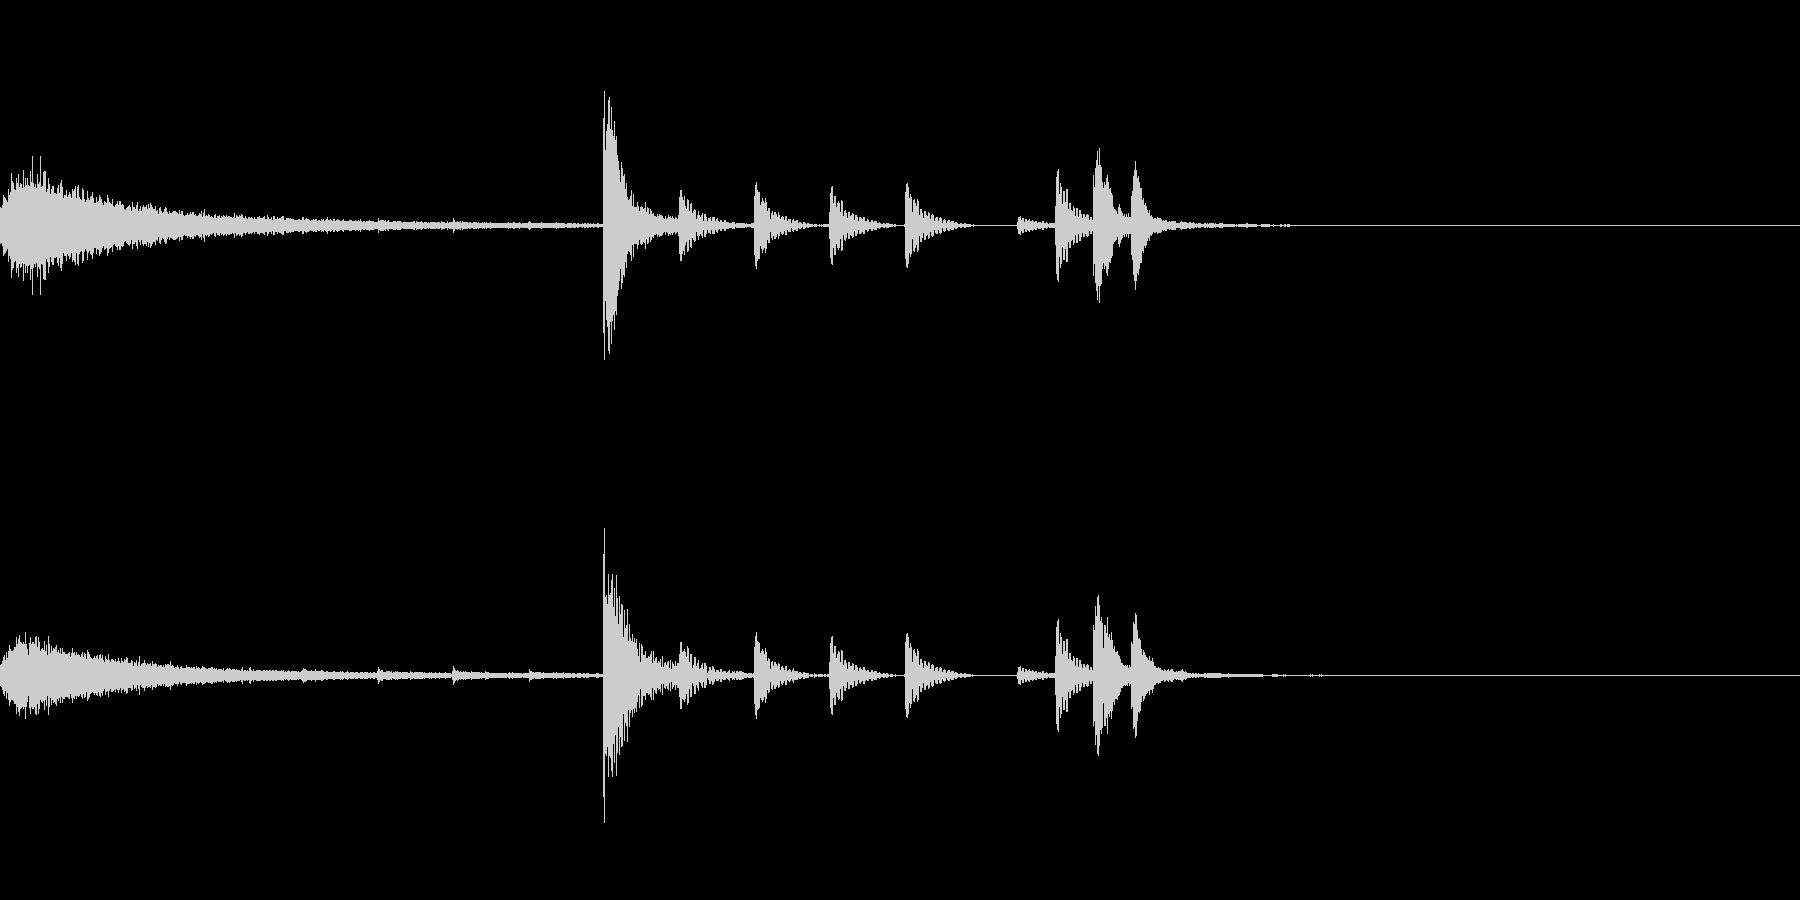 ドラムフレーズ エンディングの未再生の波形